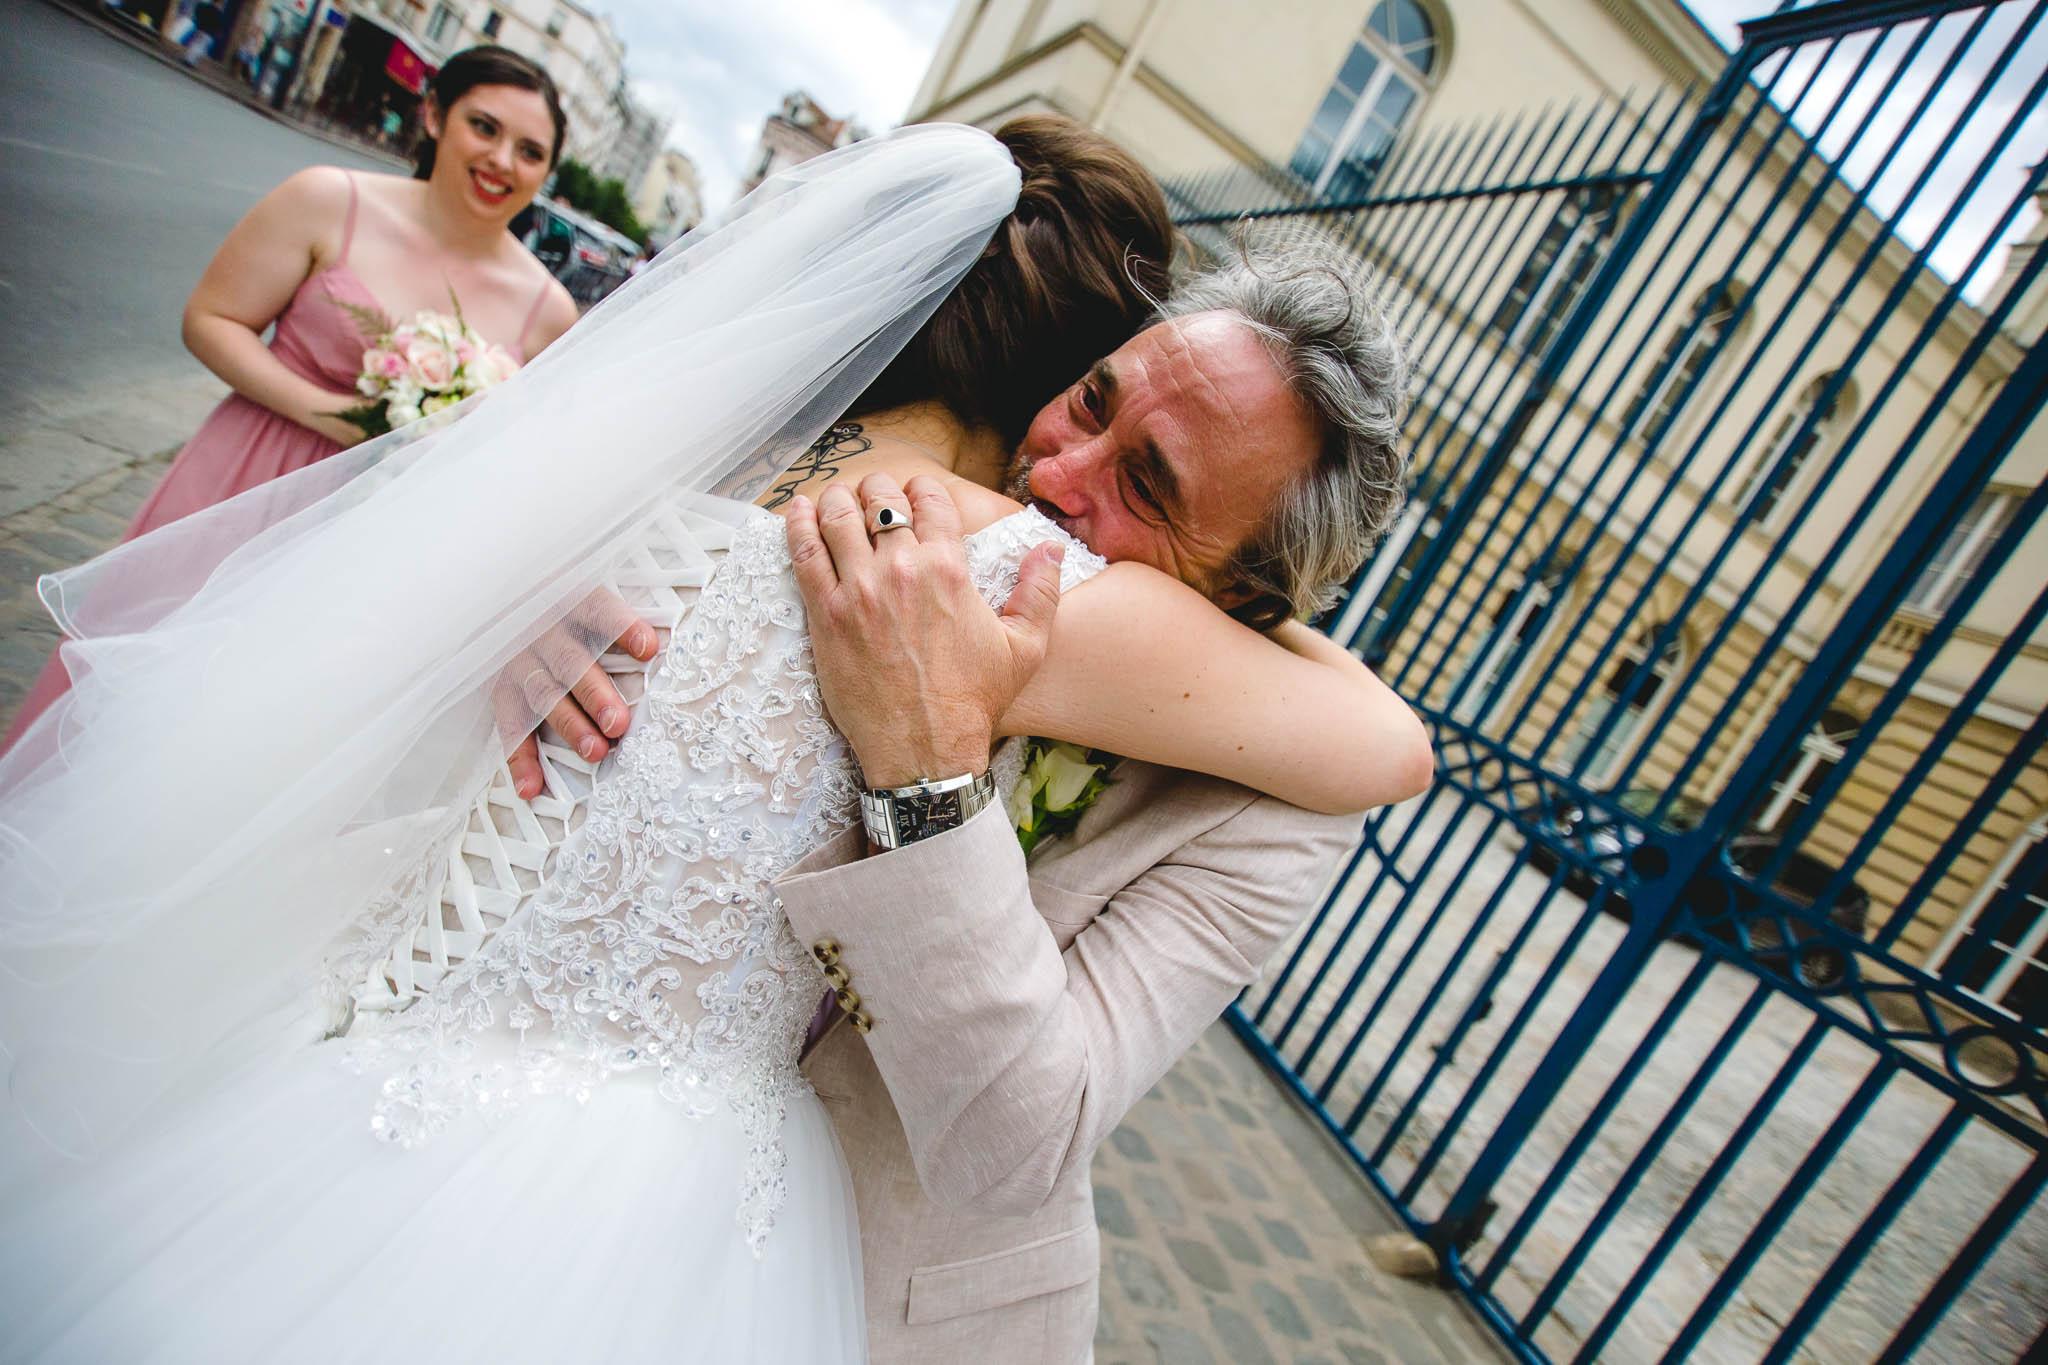 Art_Avec_Amour_Photographe_Mariage_Famille_Paris_France-00013.jpg